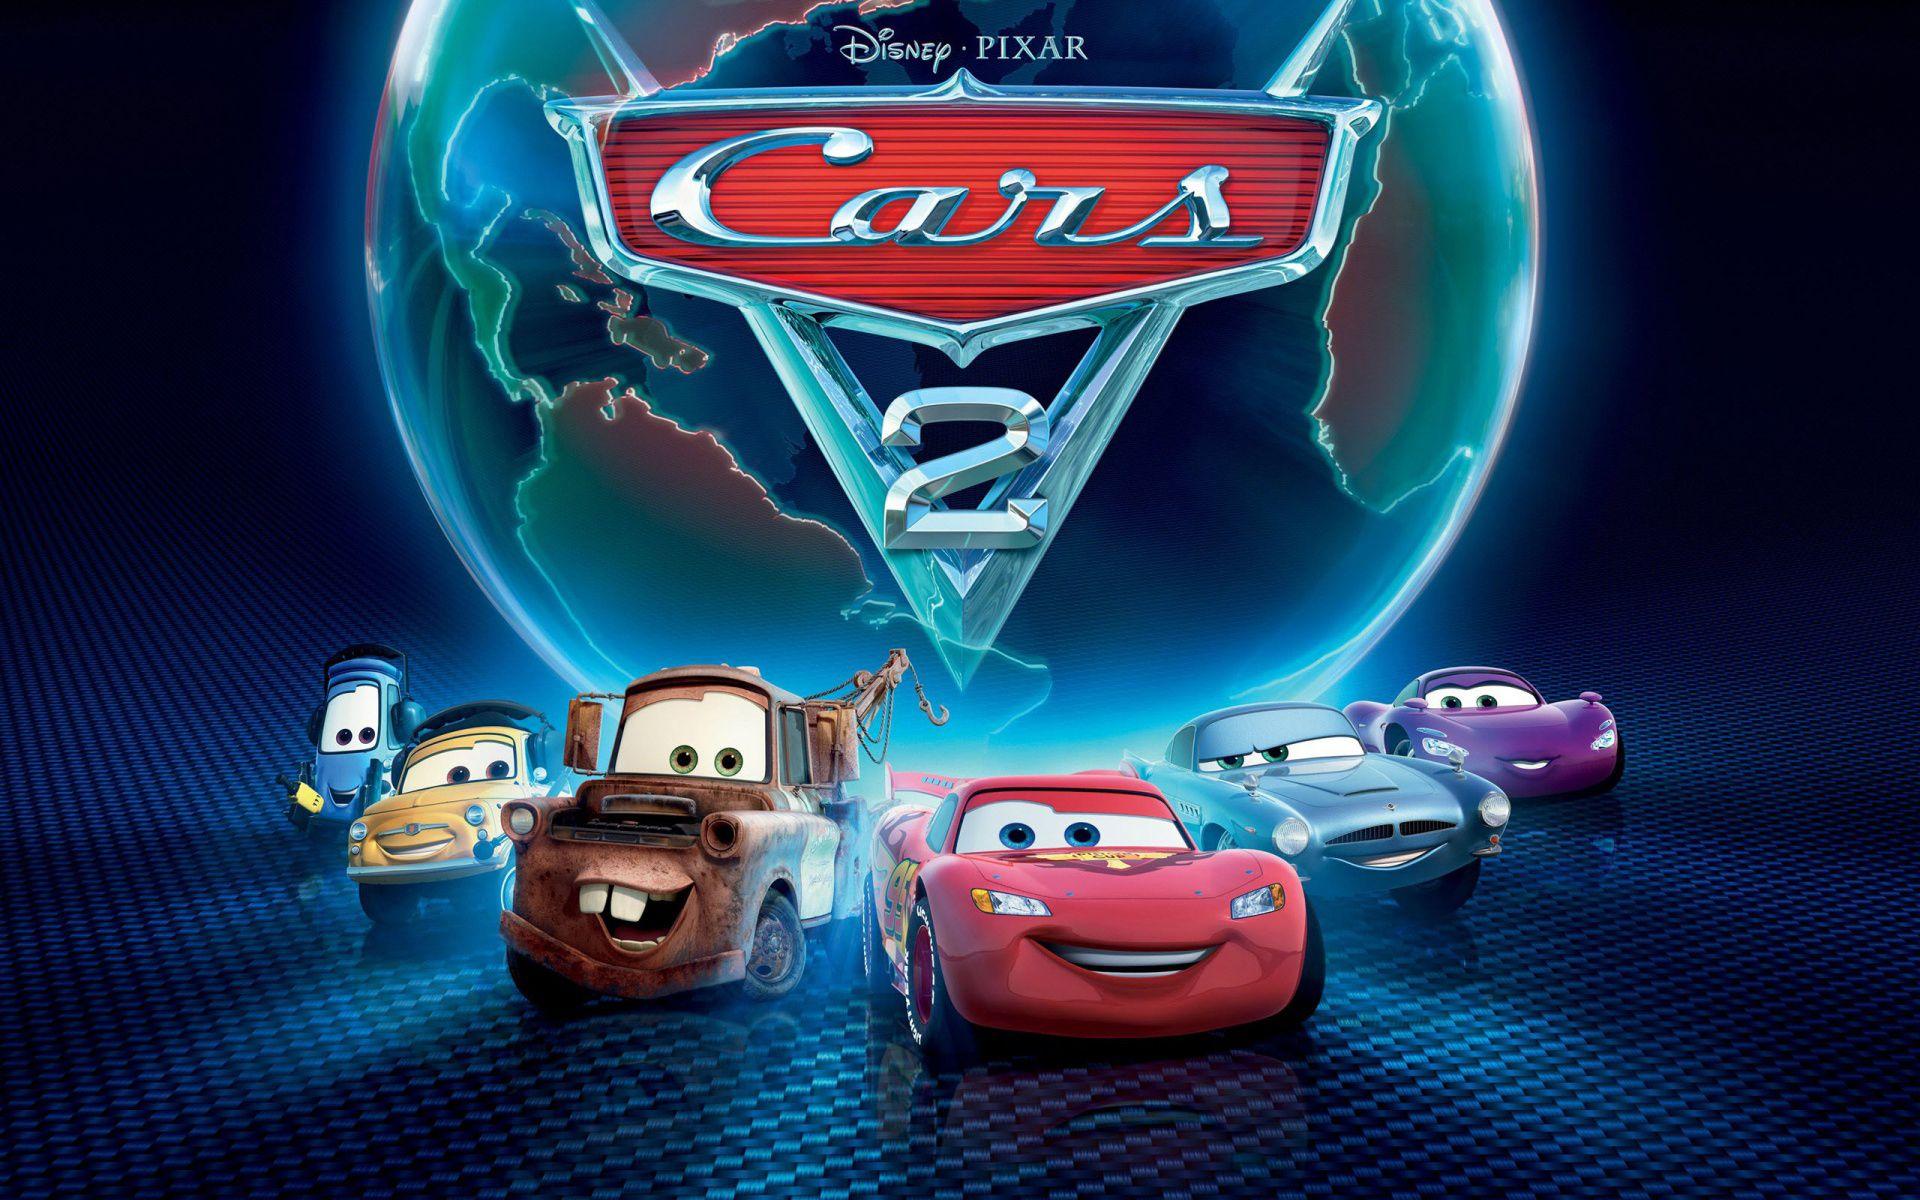 Pixar Cars 2 Disney Pixar Krasivye Foto I Kartinki Cars 2